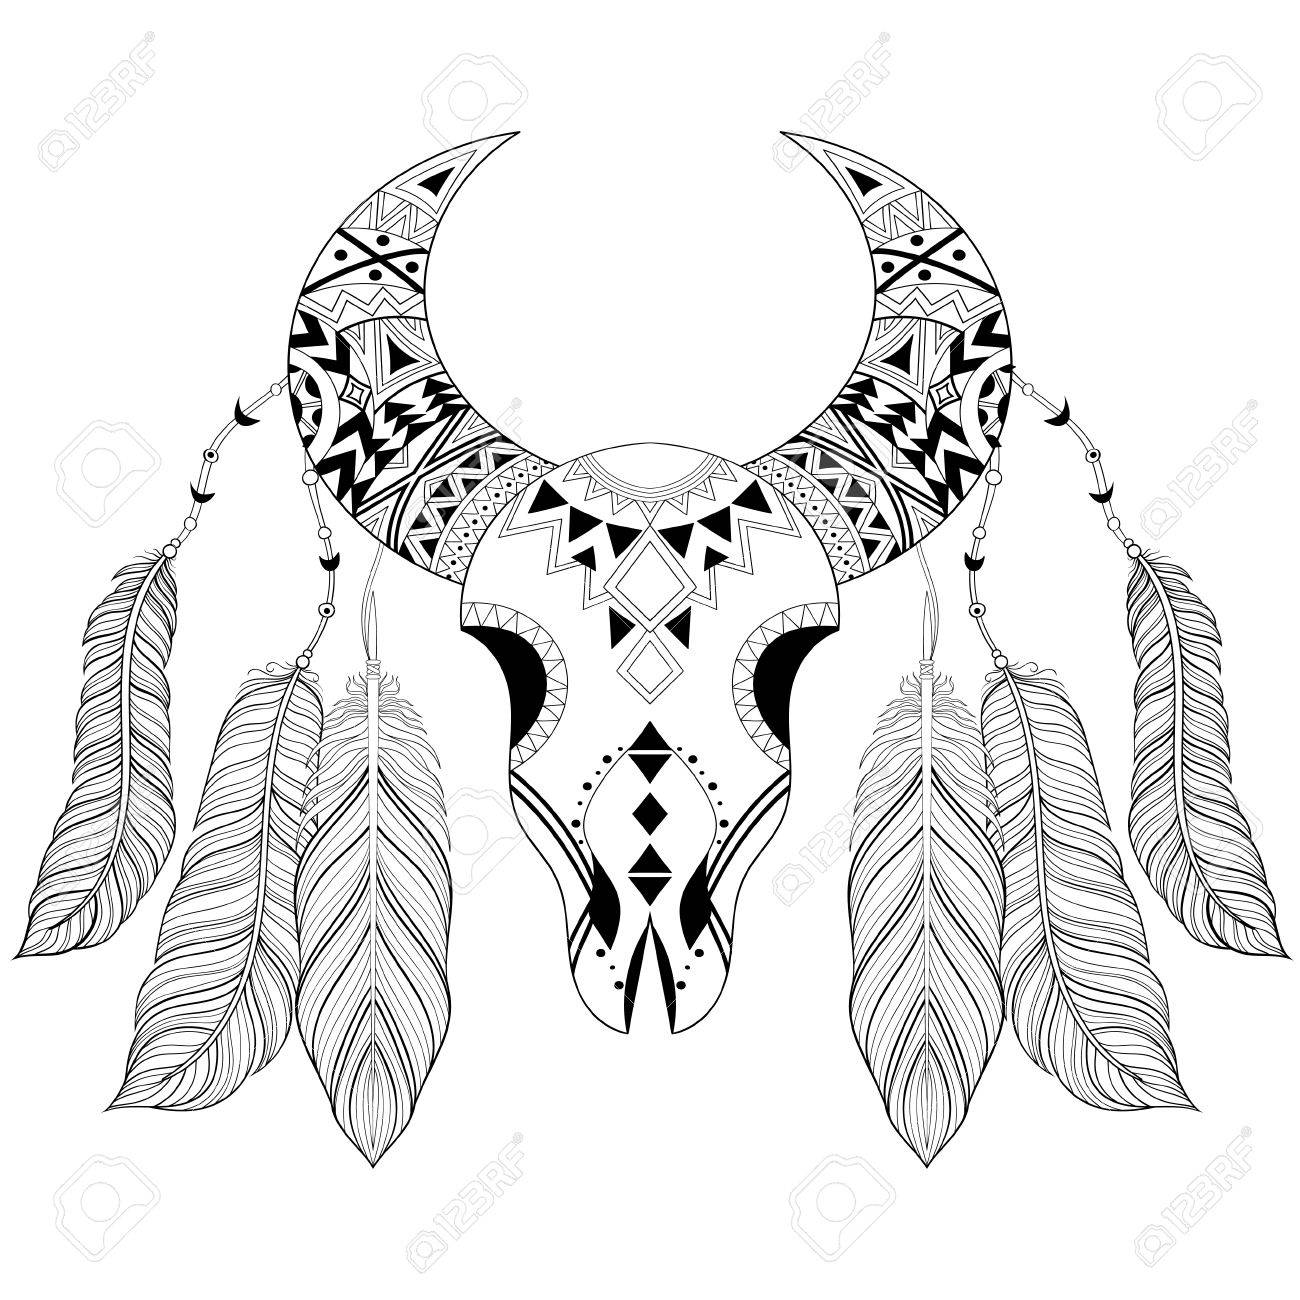 Cráneo Animal Boho Zentangle Con Plumas De Aves. Ilustración ...